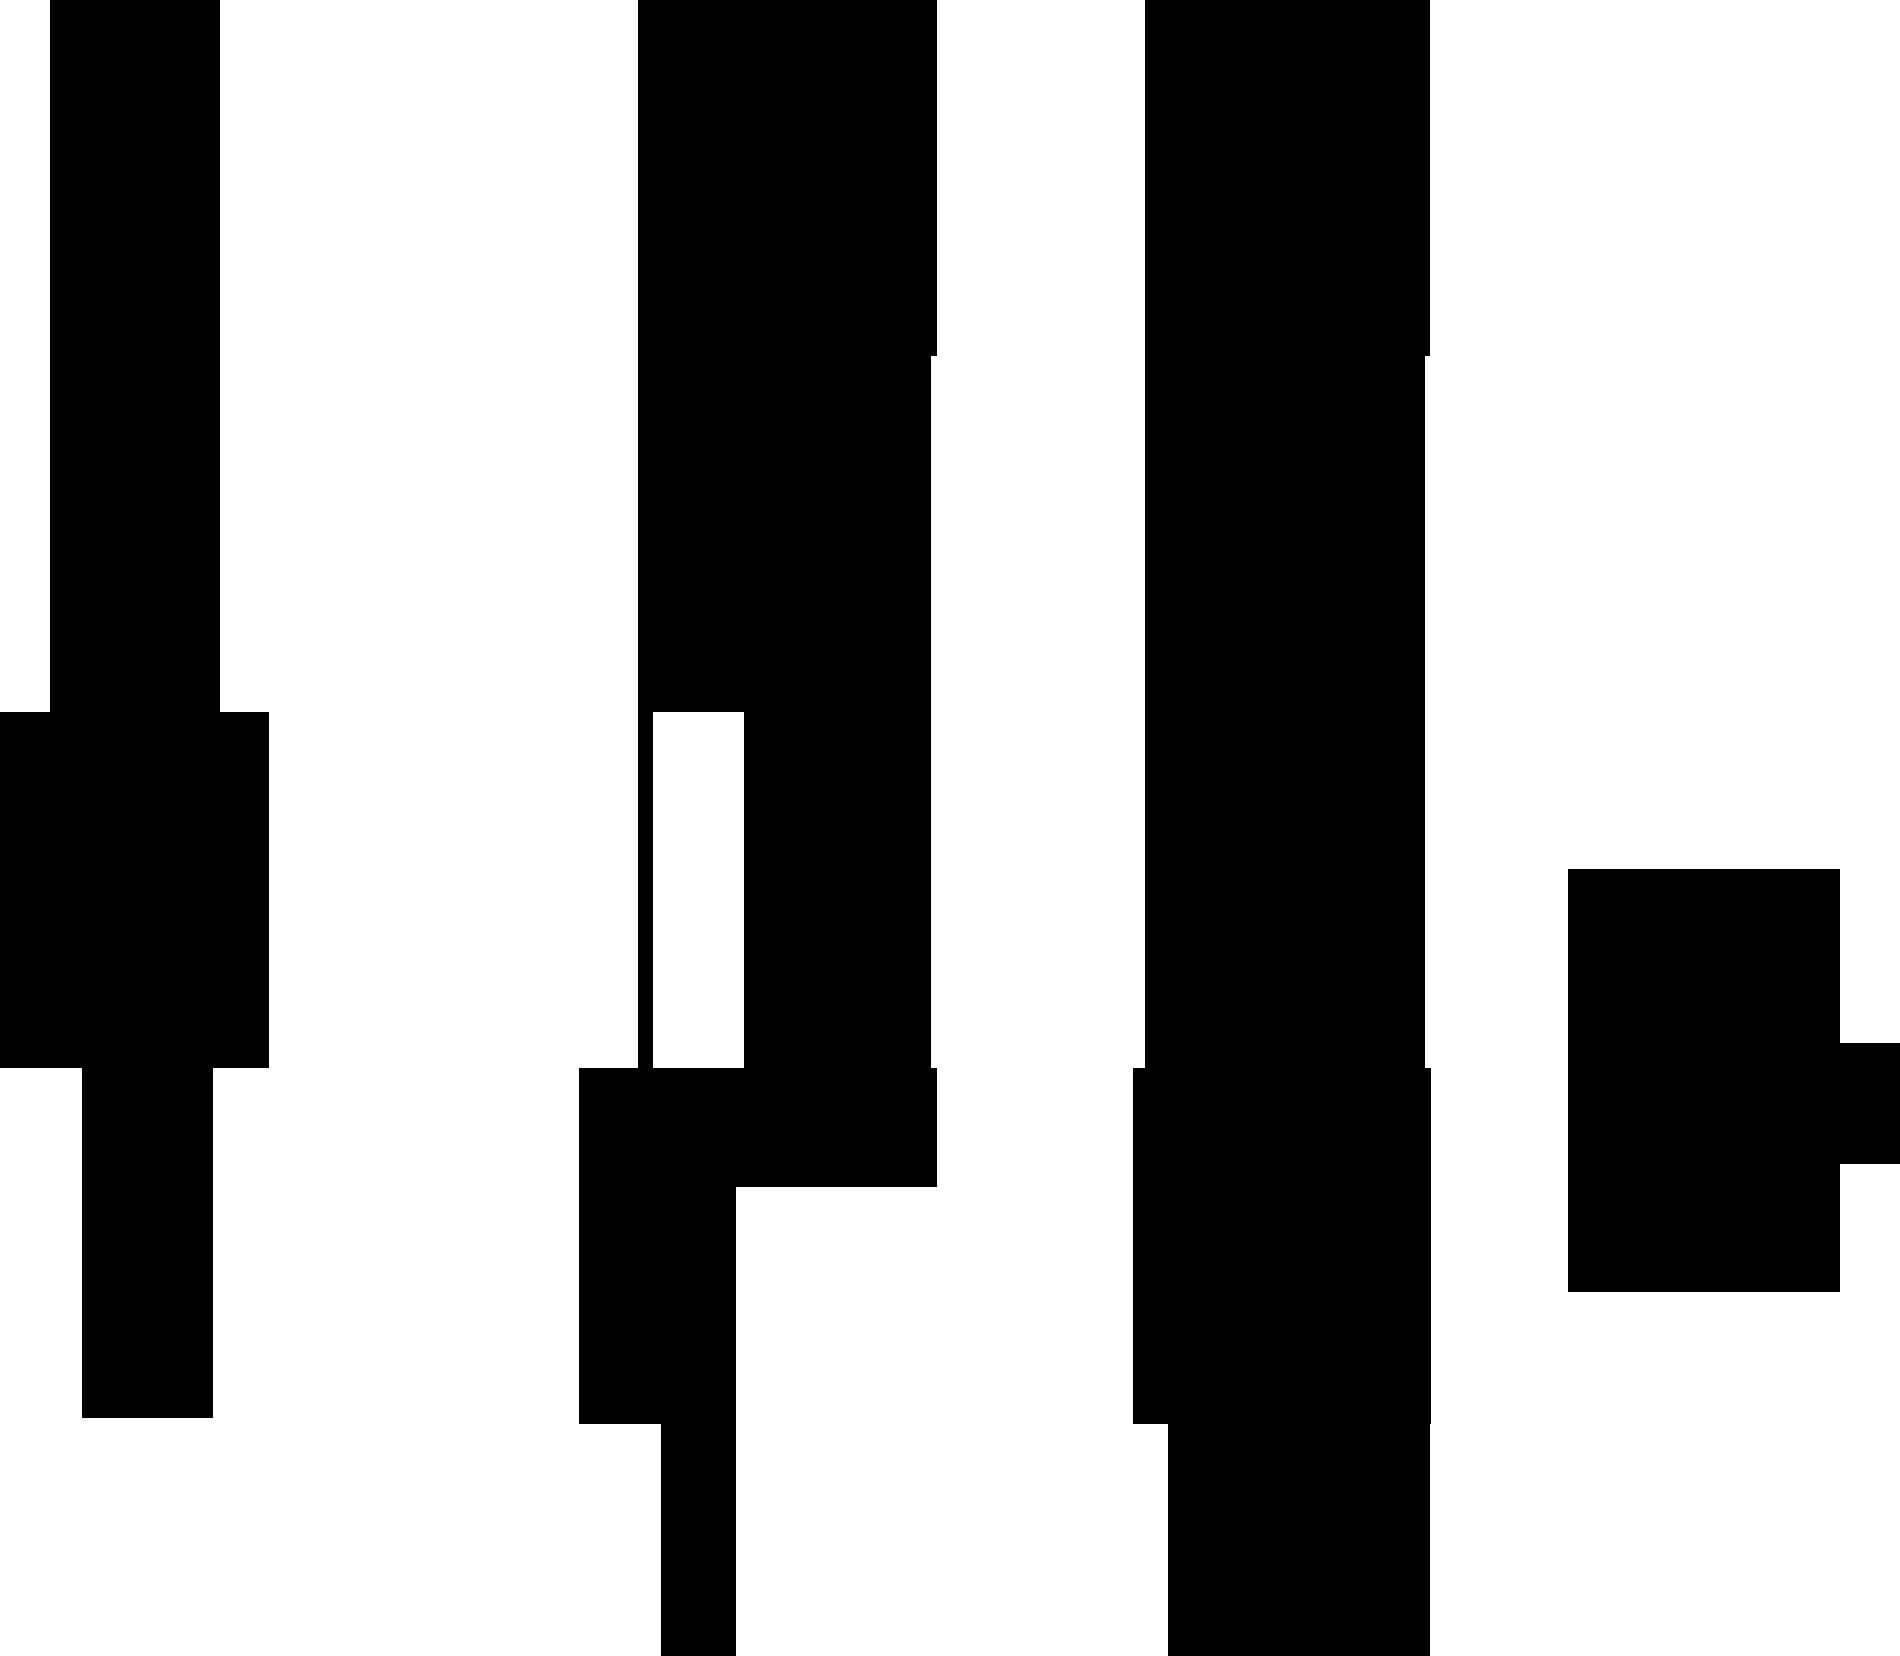 Антипаркувальний стовпчик РВ-004q